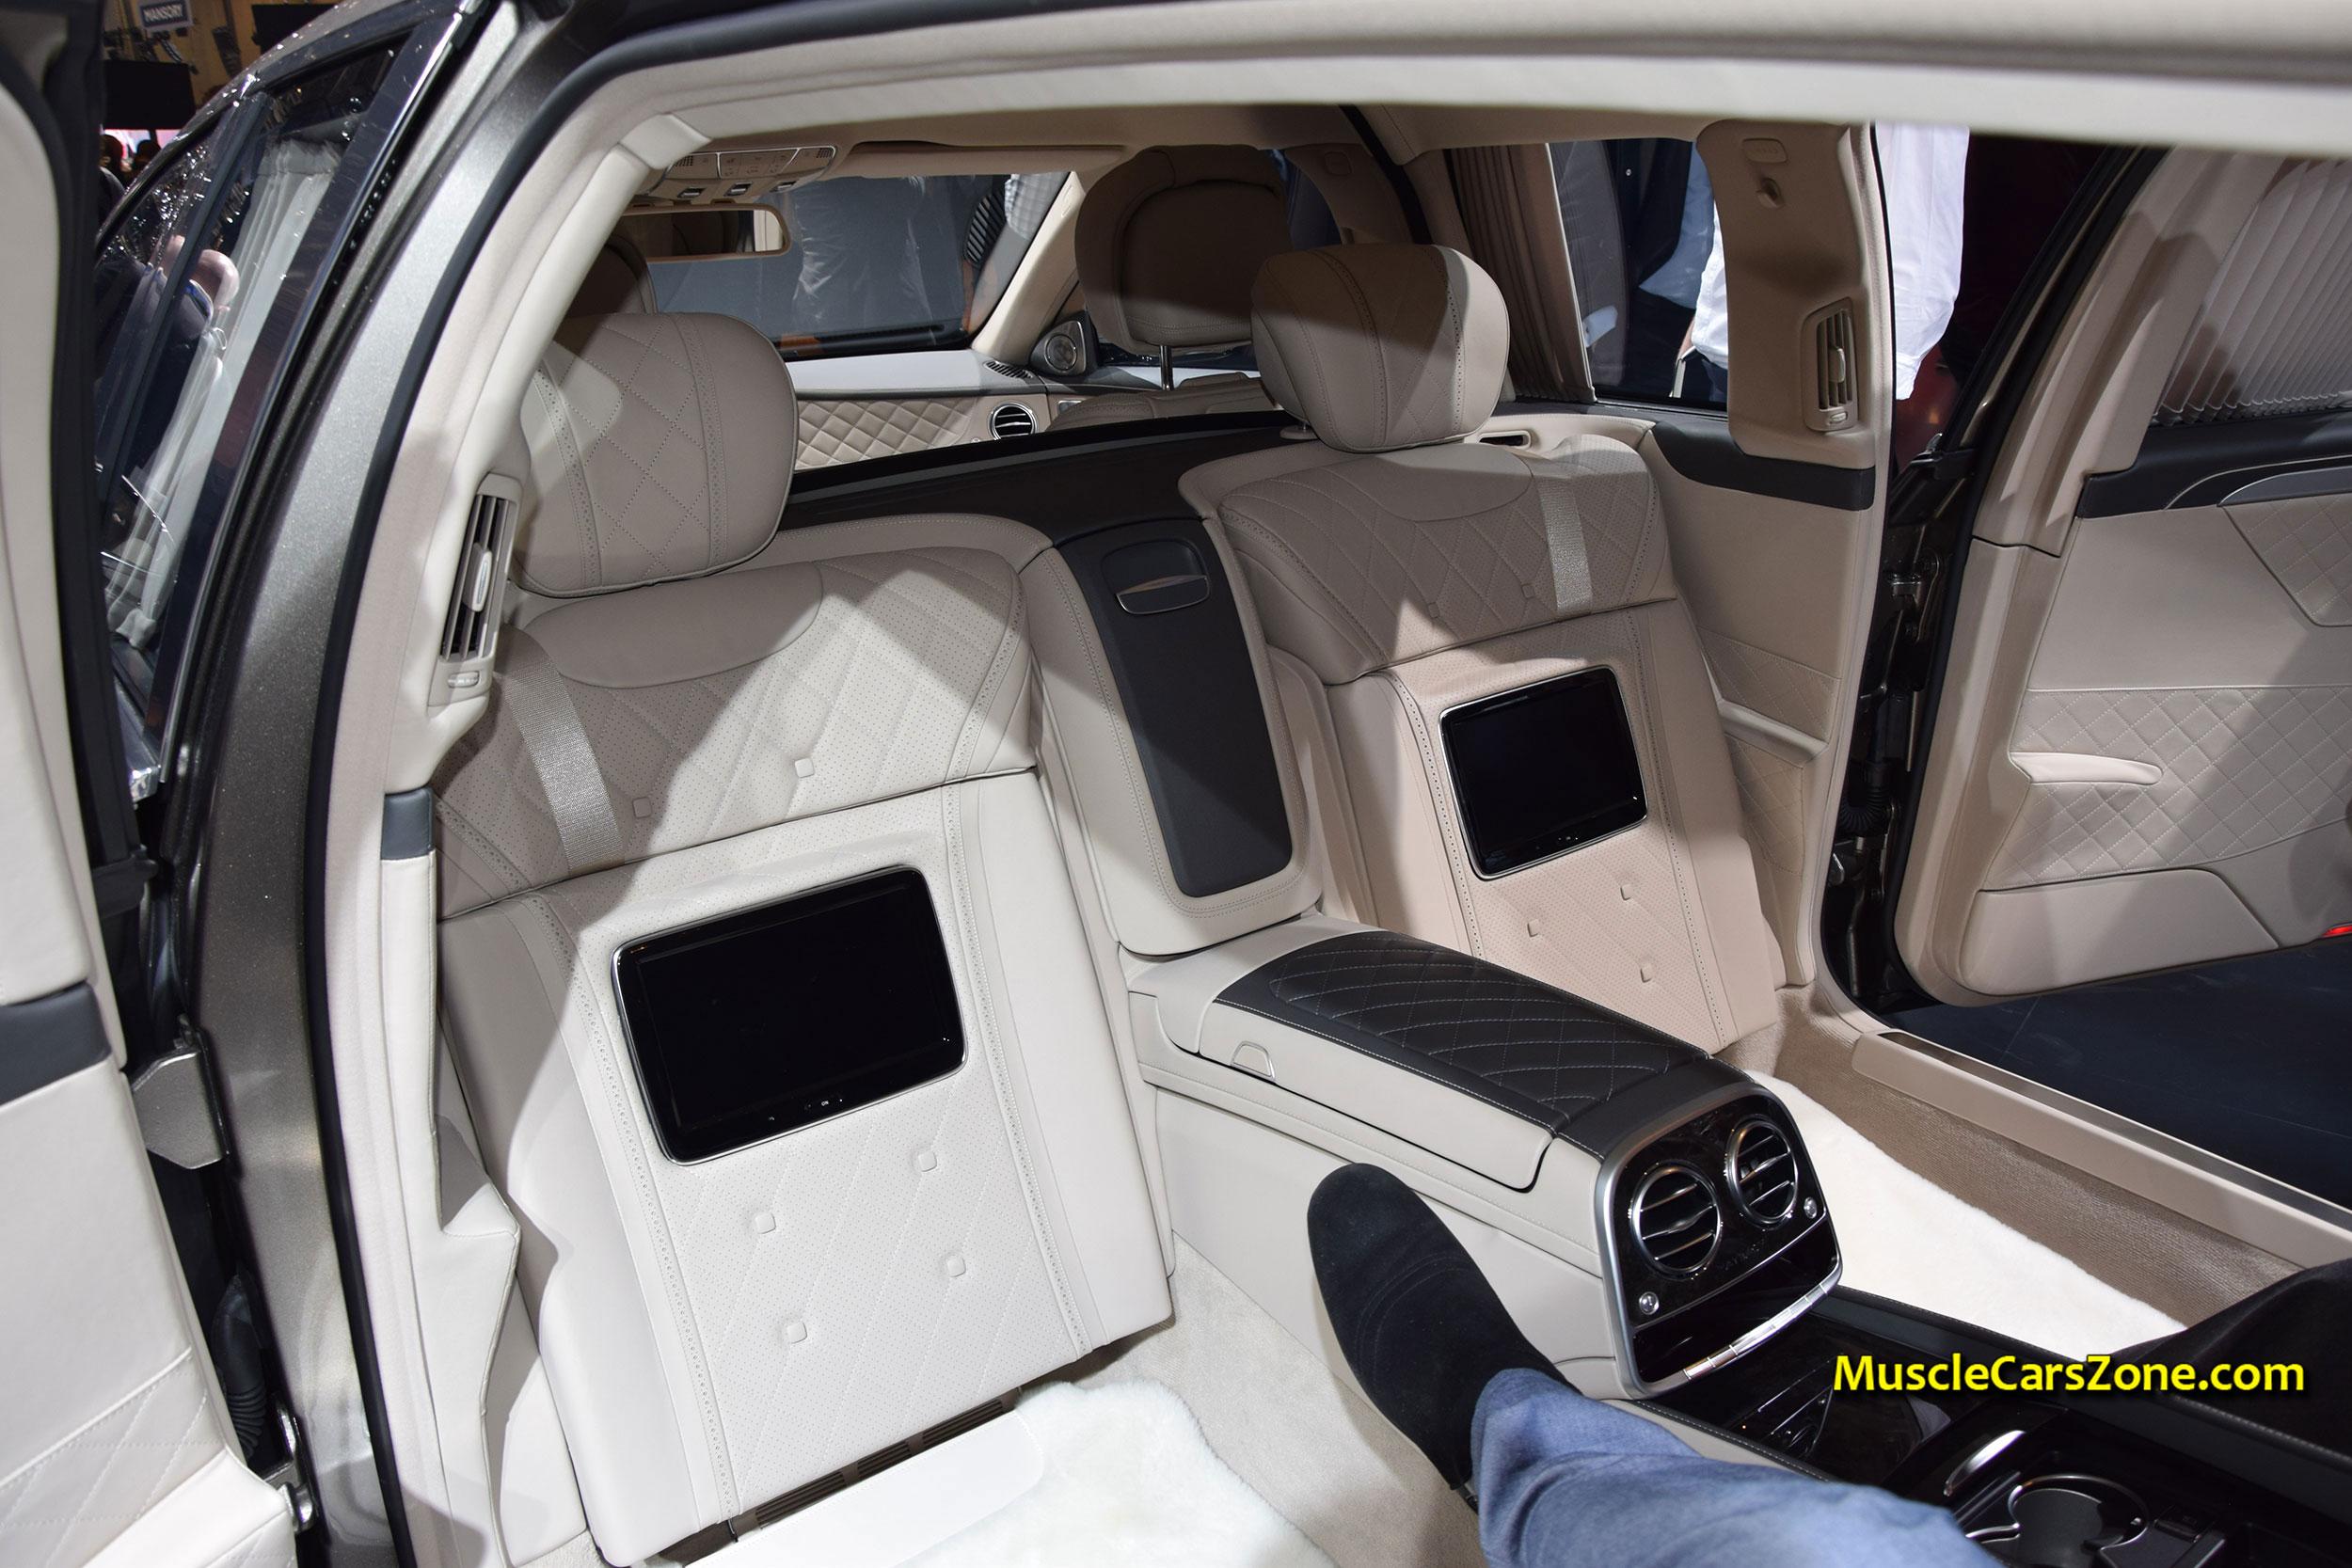 maybach interior 2015. 2015mercedesmaybachs600pullmaninterior042015genevamotorshow muscle cars zone maybach interior 2015